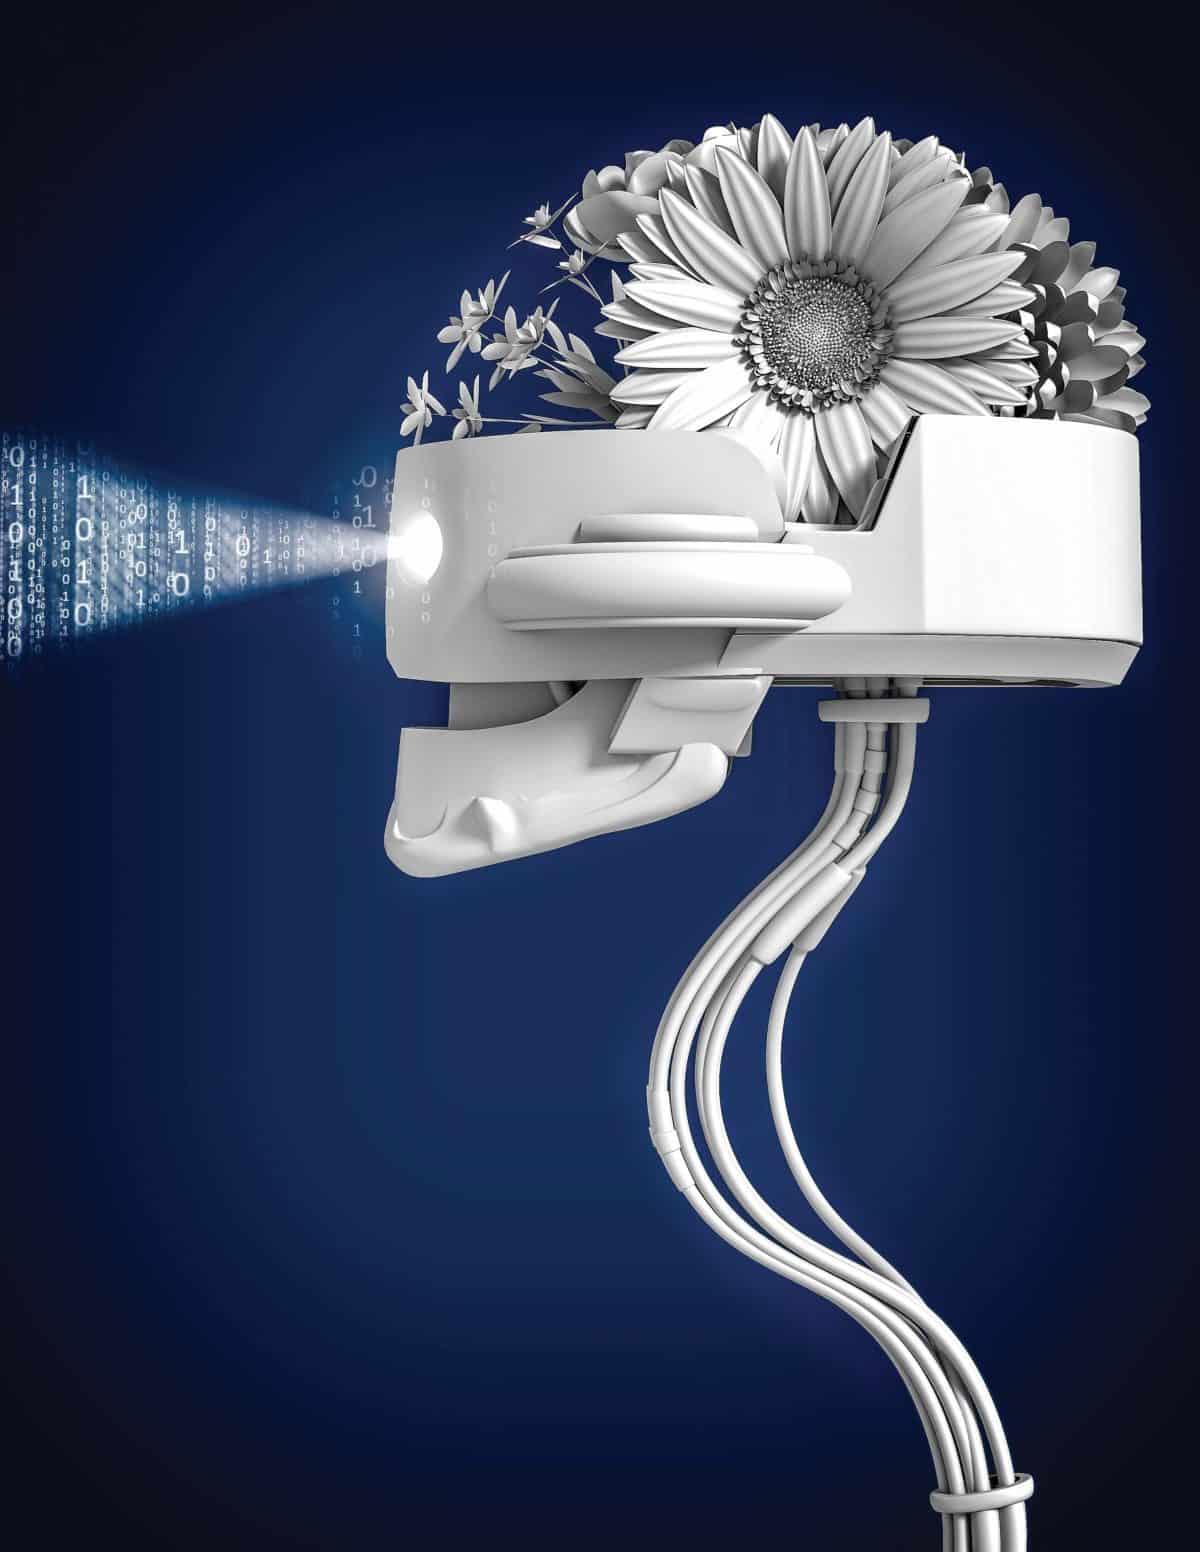 مصنع الذكاء الاصطناعي